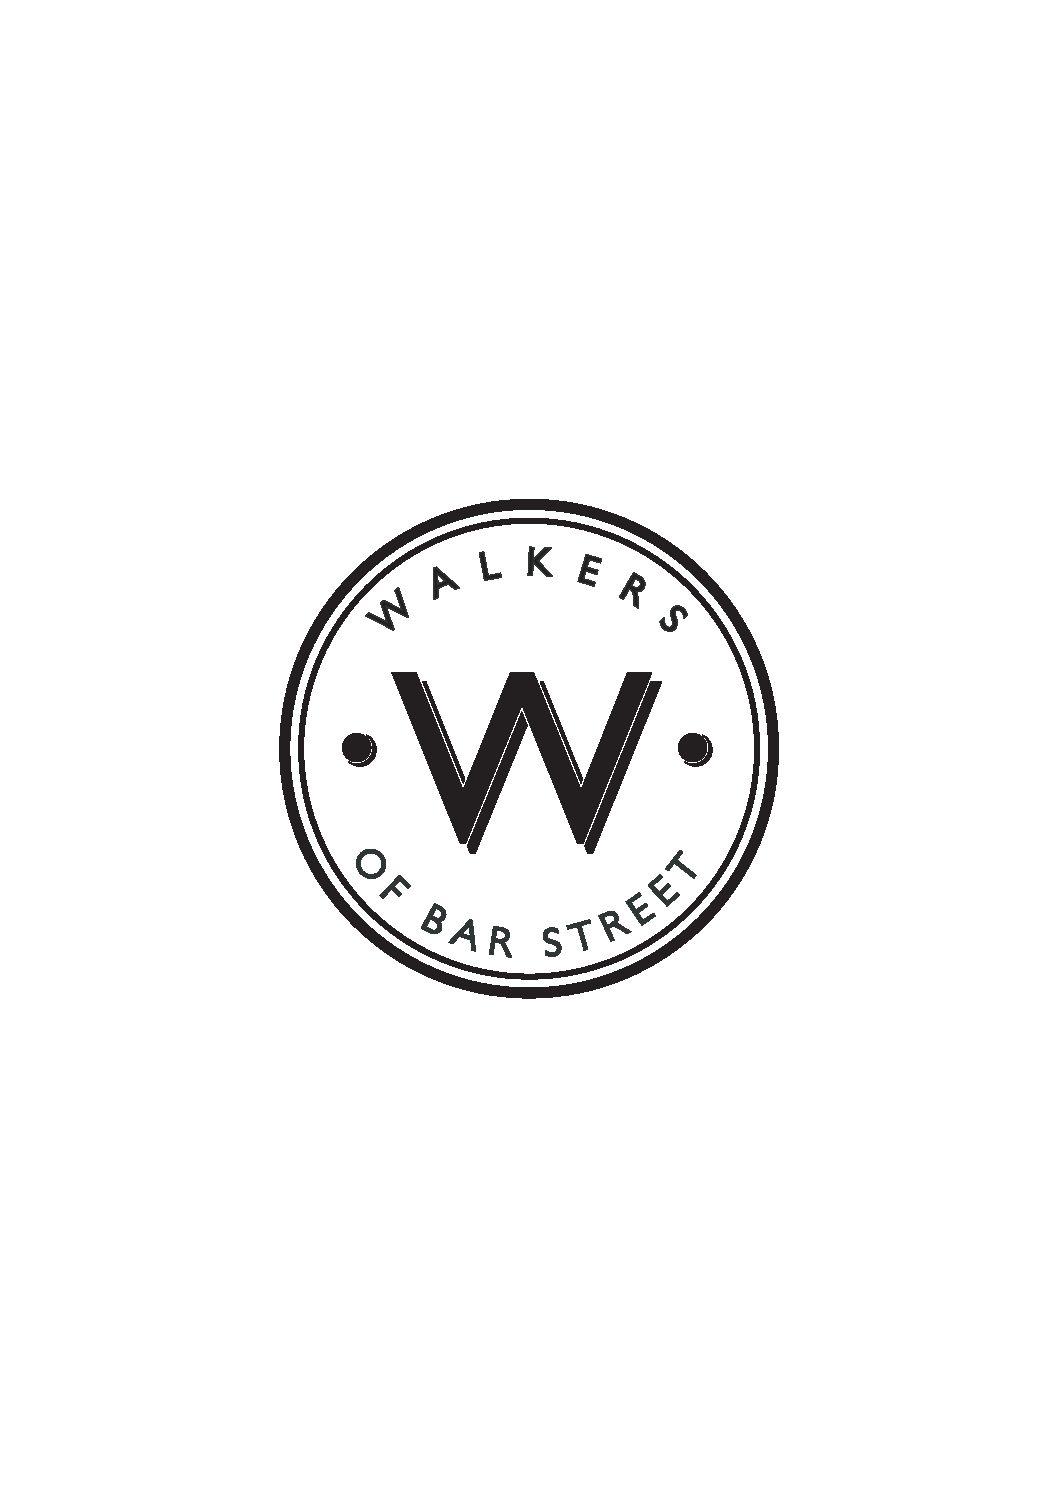 Walkers of Bar Street